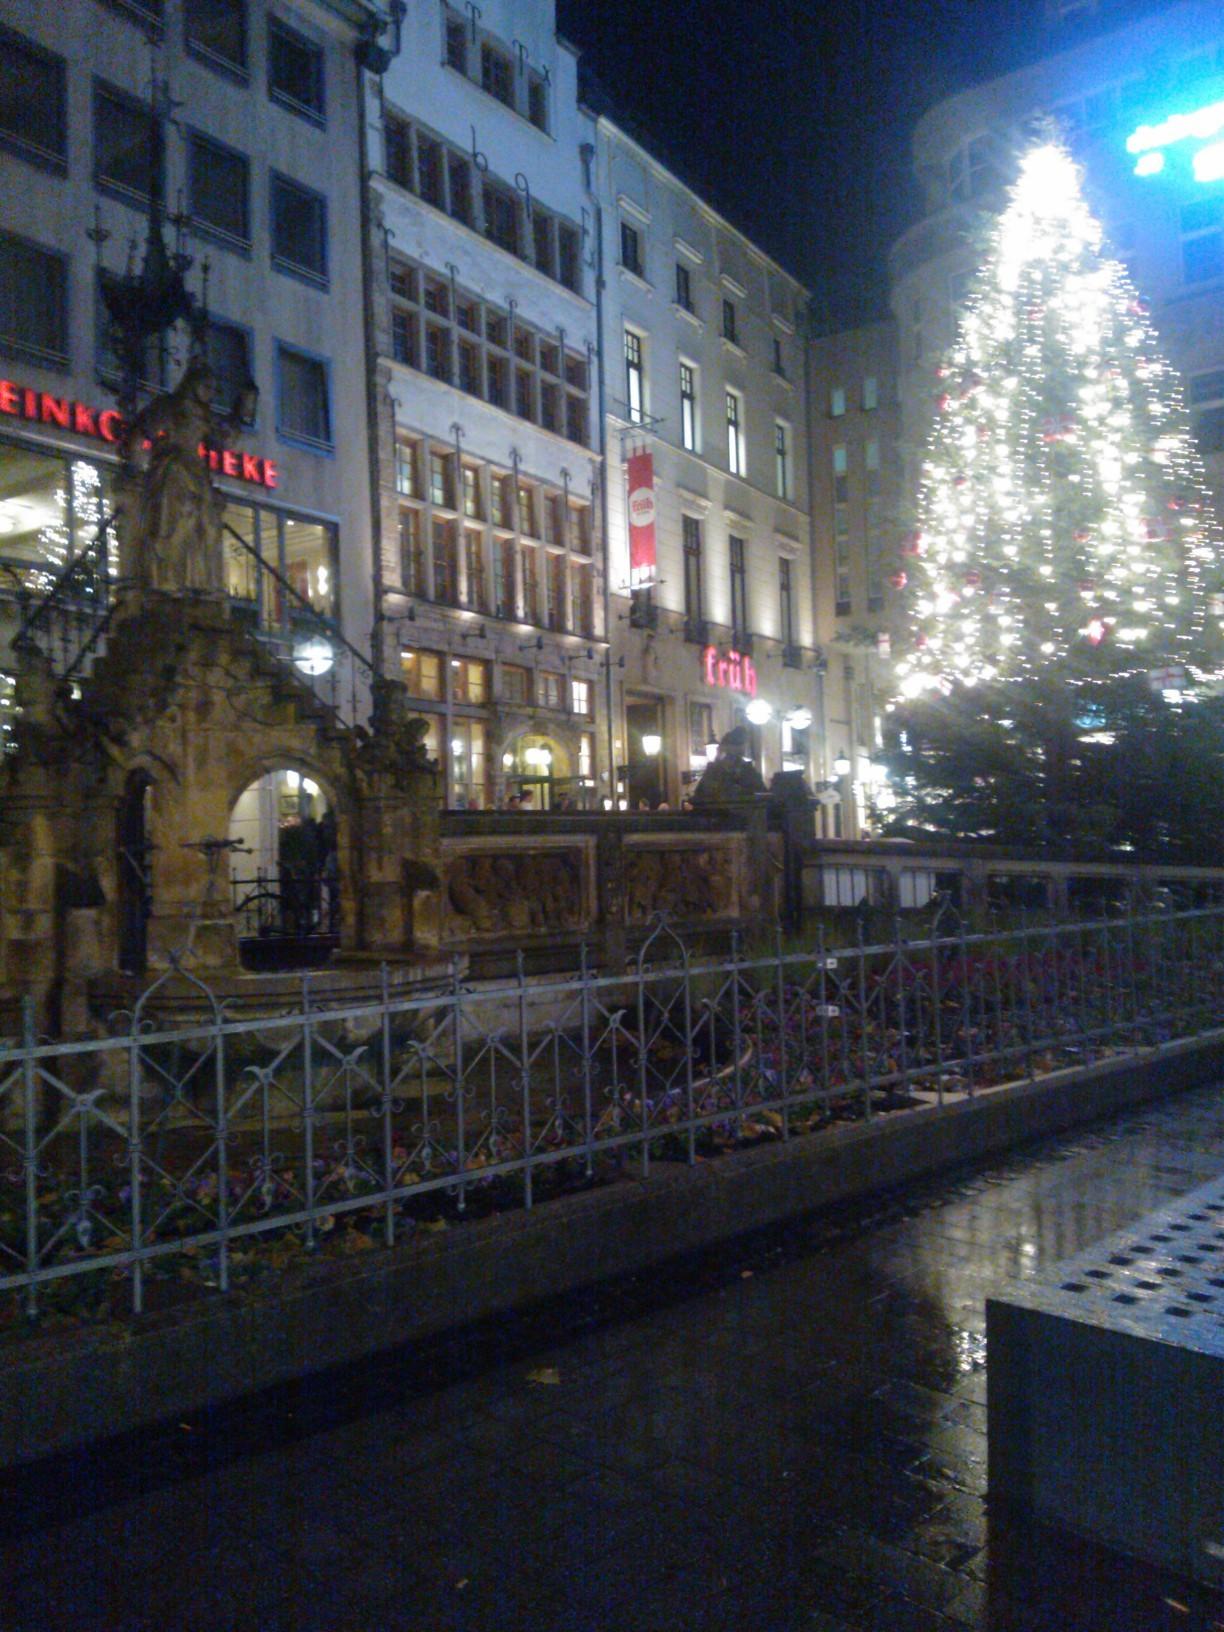 Weihnachtsmarkt W.Weihnachtsmarkt Köln 2 Erasmus Photo Bonn